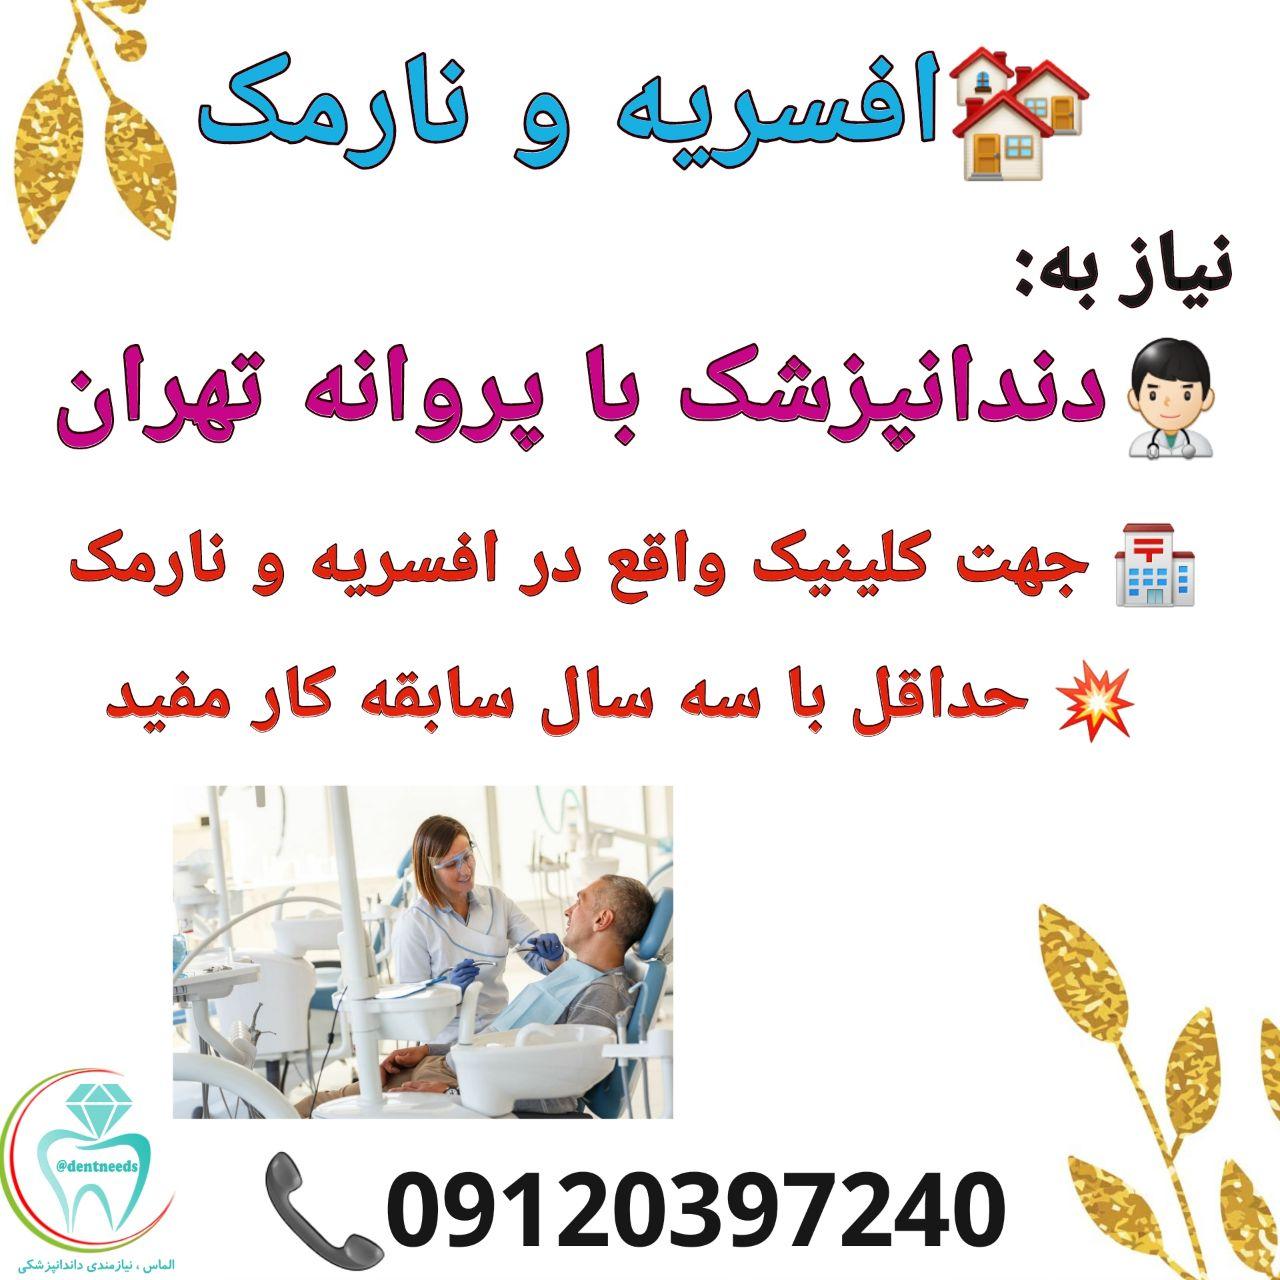 افسریه و نارمک، دعوت به همکاری از دندانپزشک با پروانه تهران